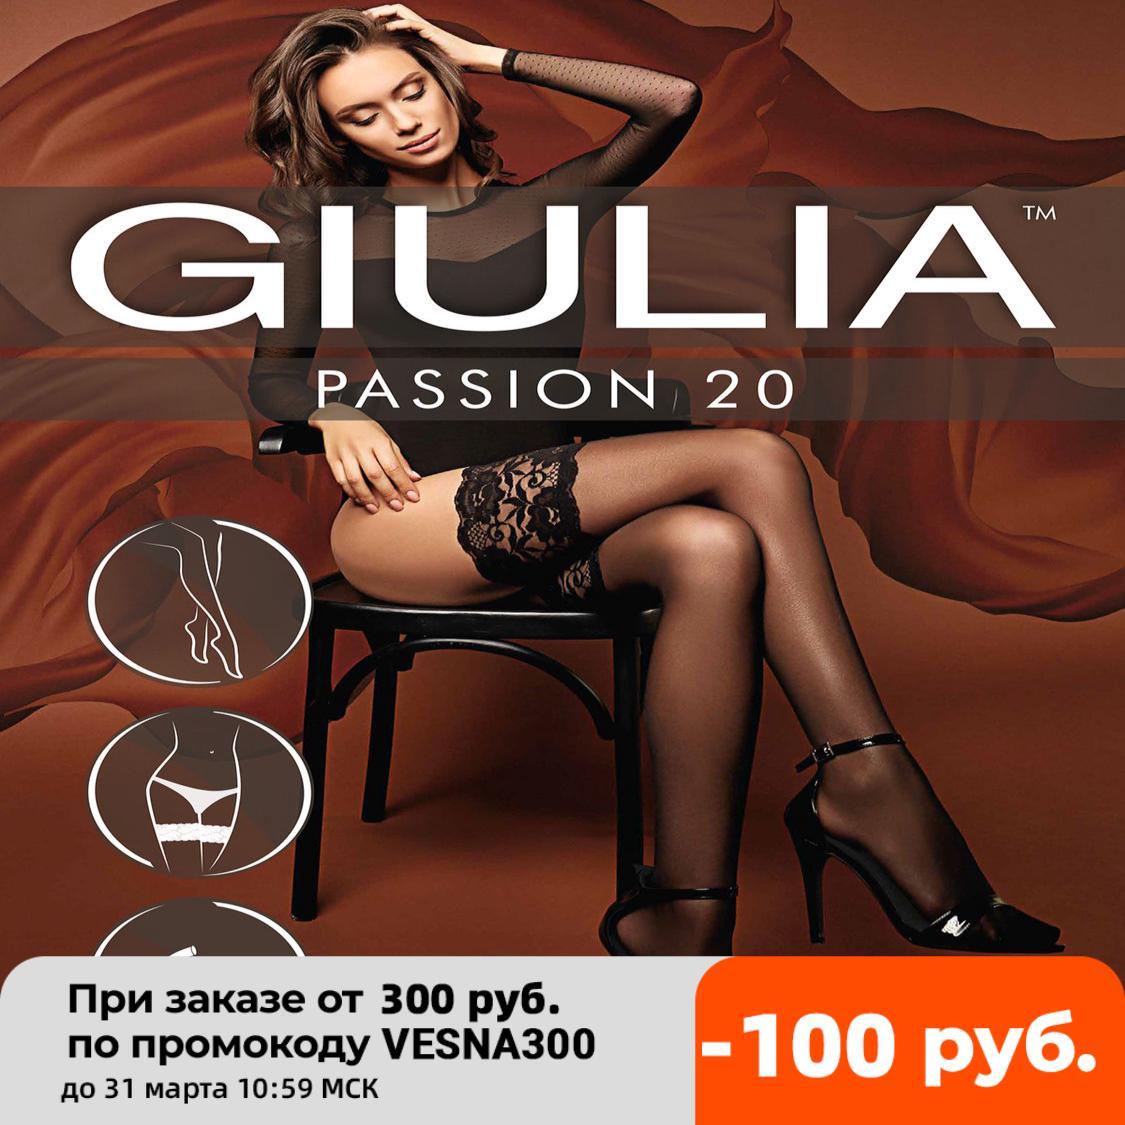 Чулки женские Giulia PASSION 20 на кружевной резинки с силиконом|Чулки| | АлиЭкспресс